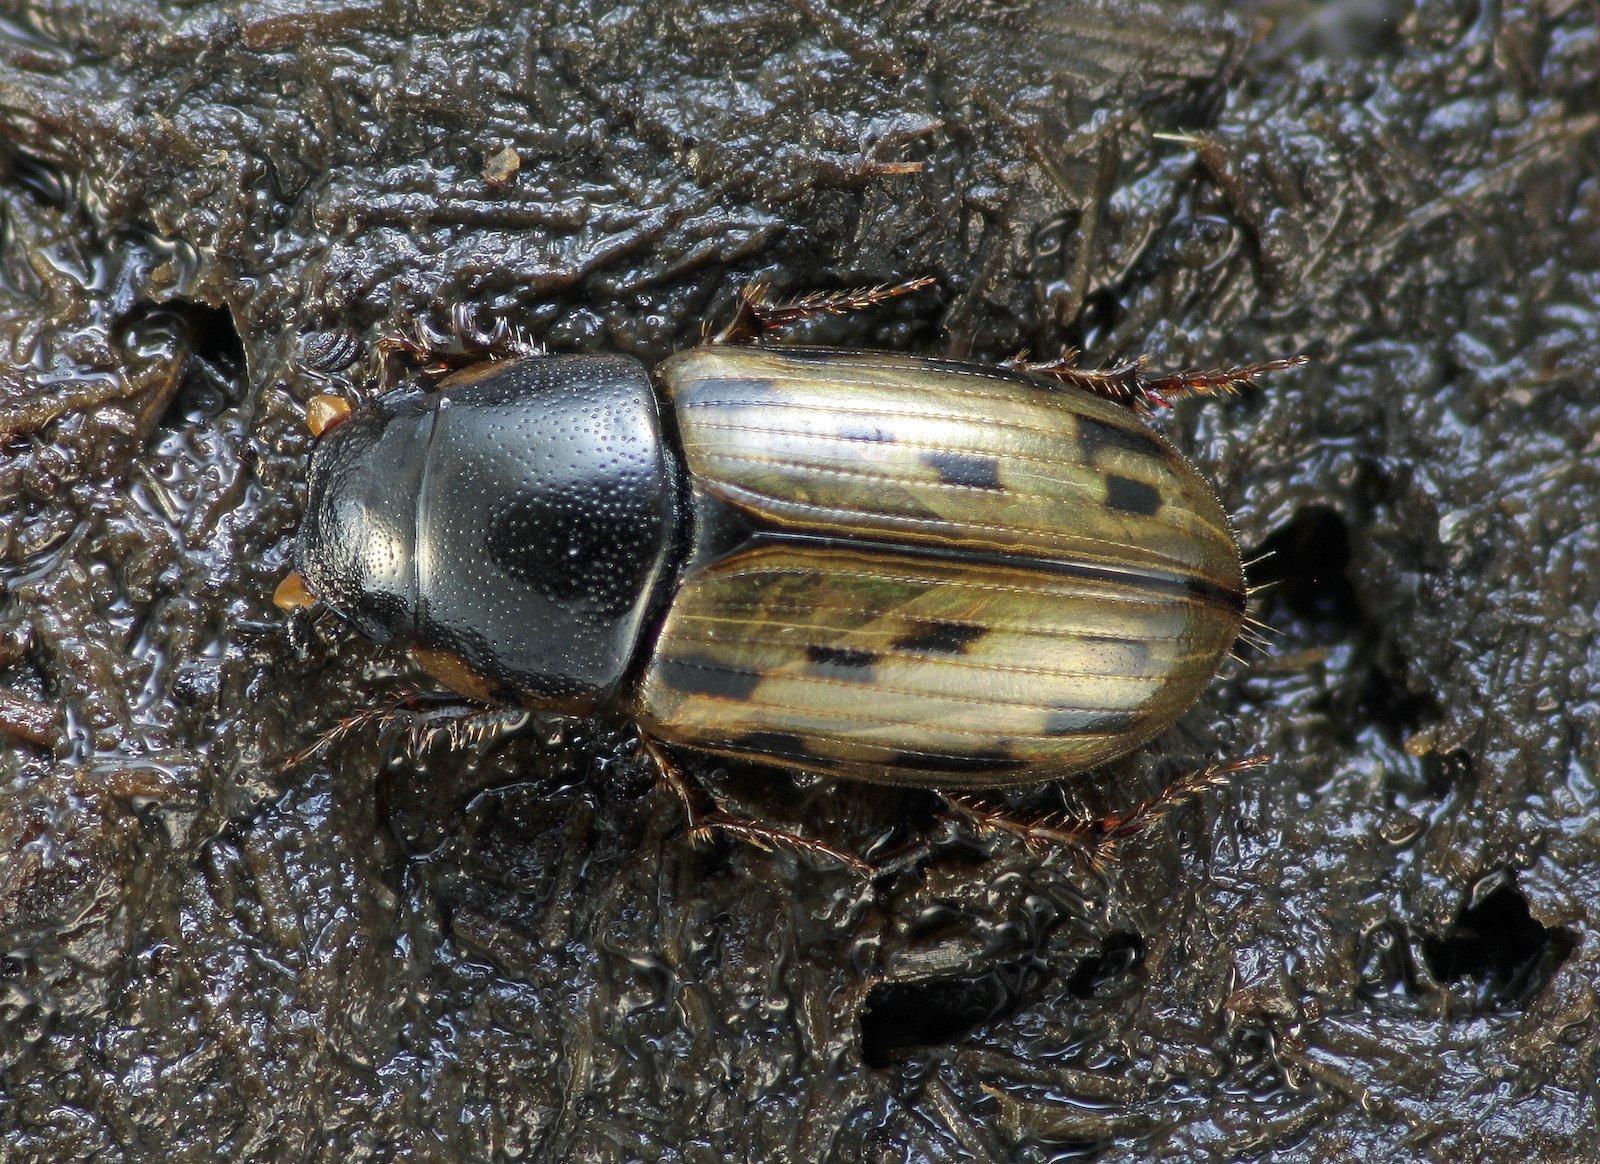 Der Dungkäfer Aphodius conspurgatus ist ein hübscher, golden schimmender Käfer